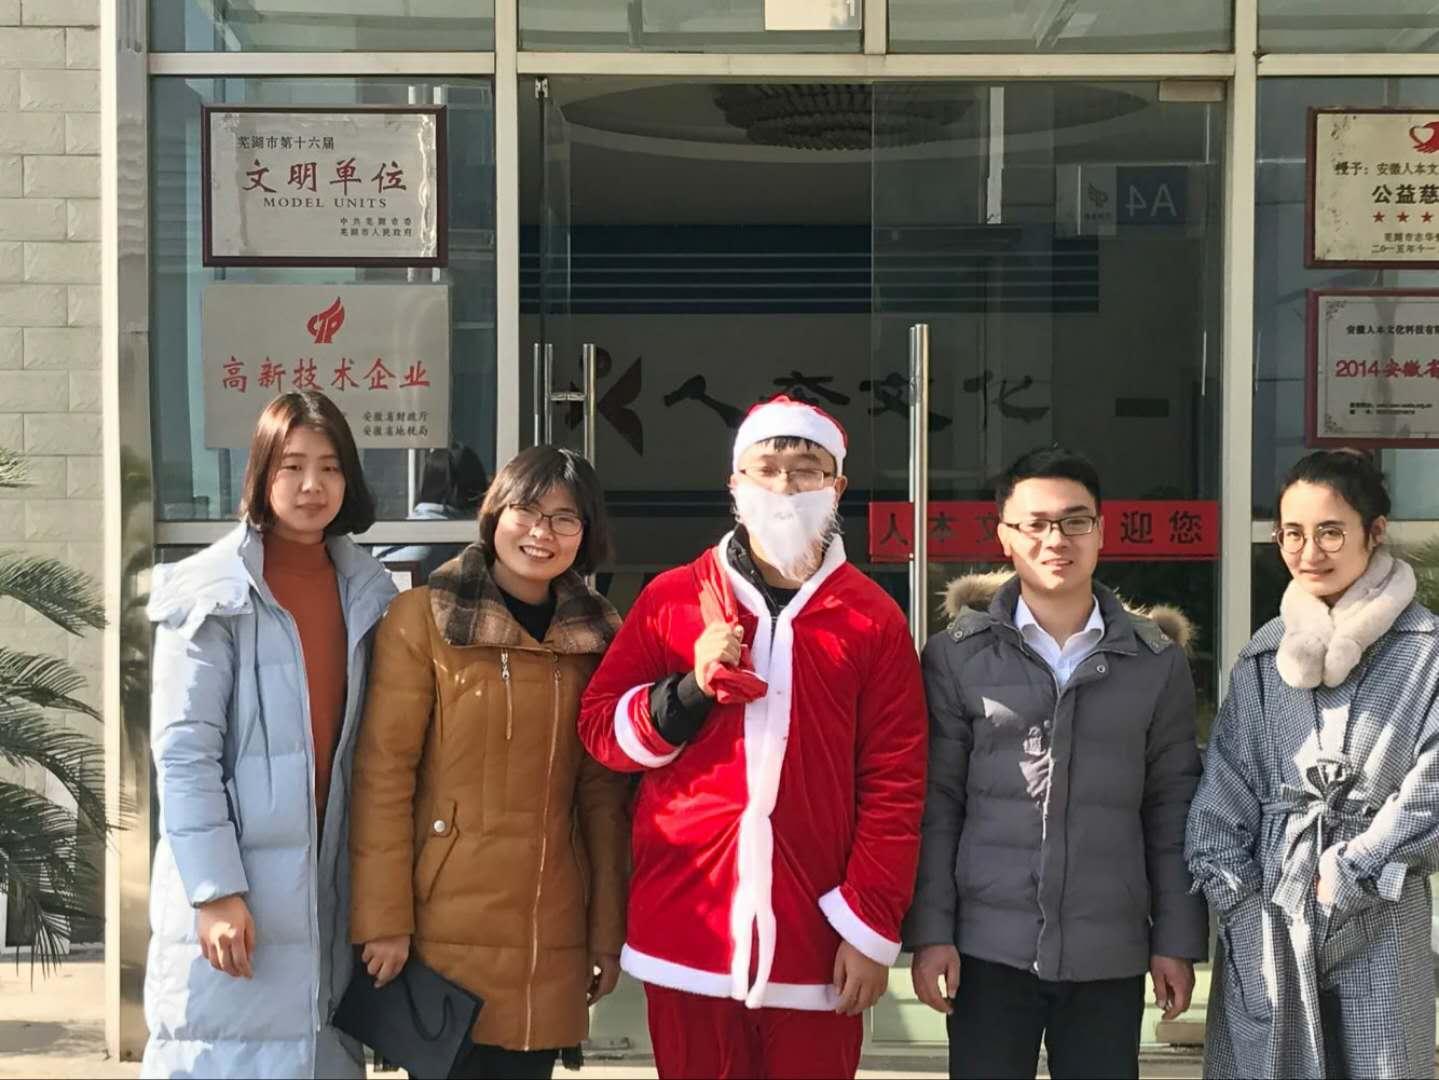 人本科技集团开展圣诞节活动 传递温暖节日祝福